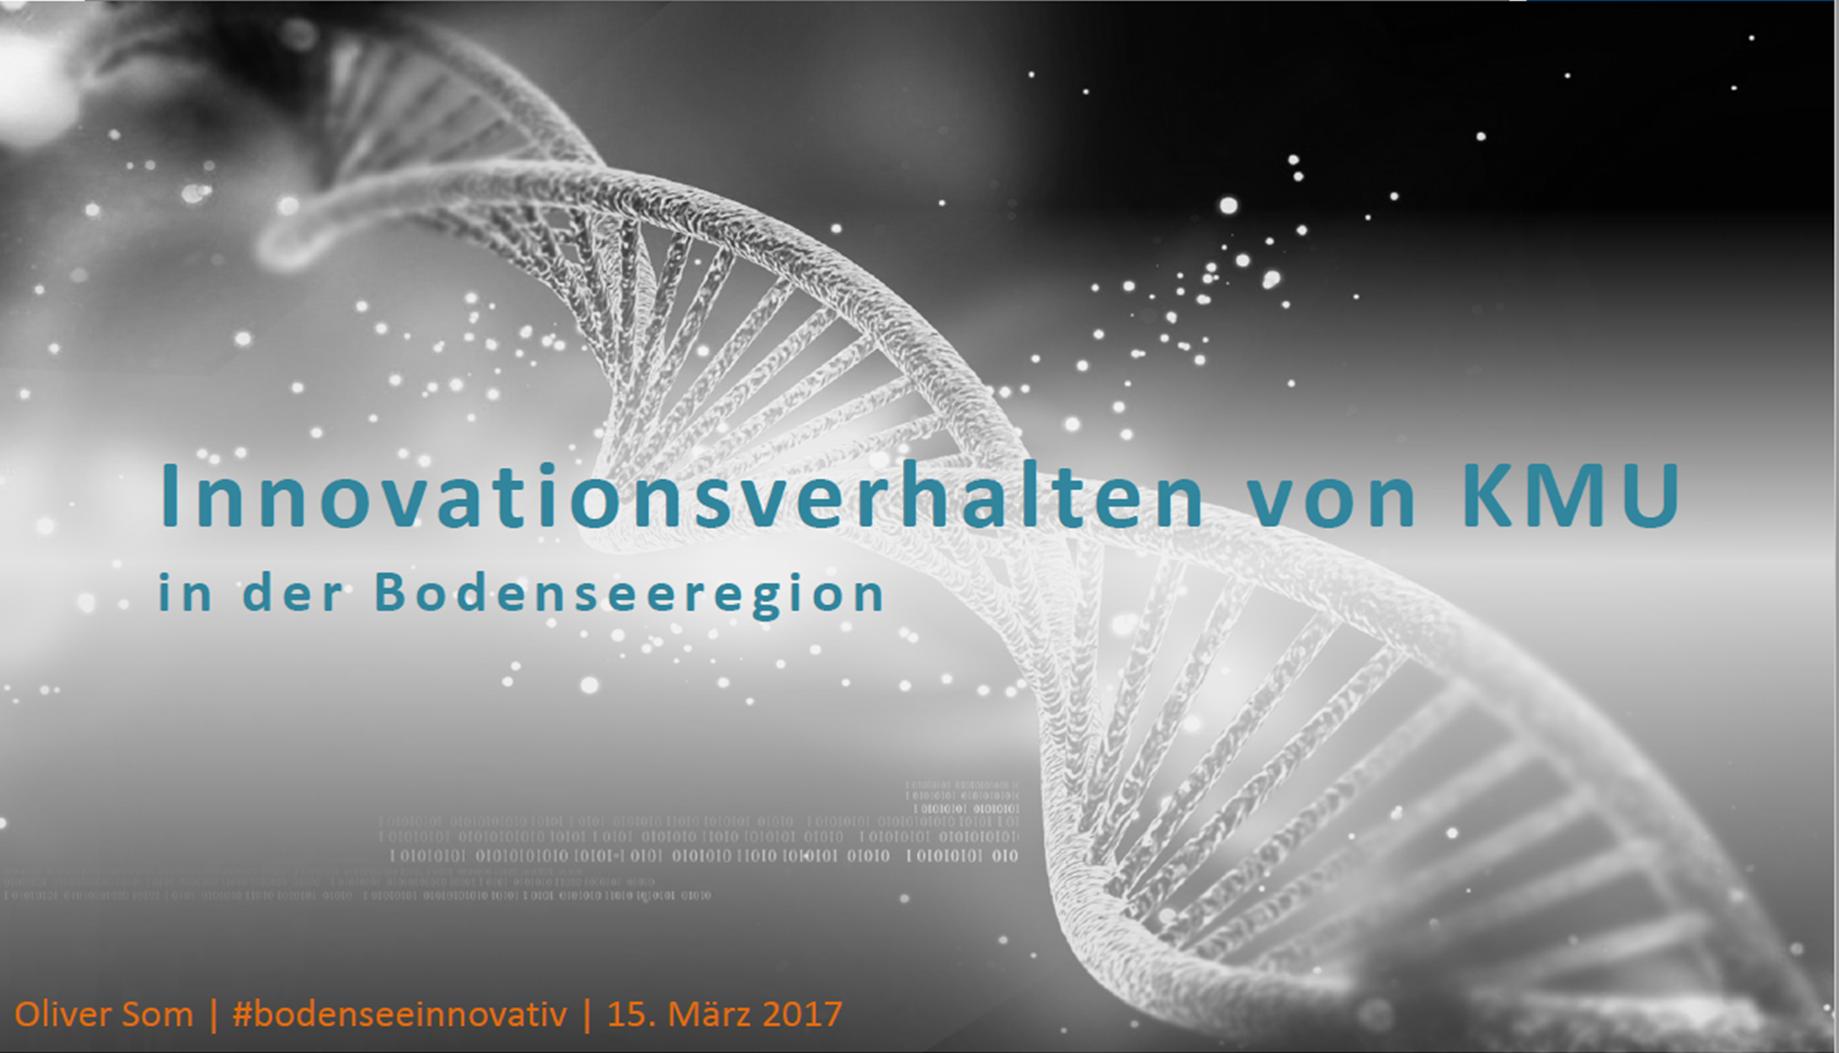 Innovationsverhalten von KMU in der Bodenseeregion